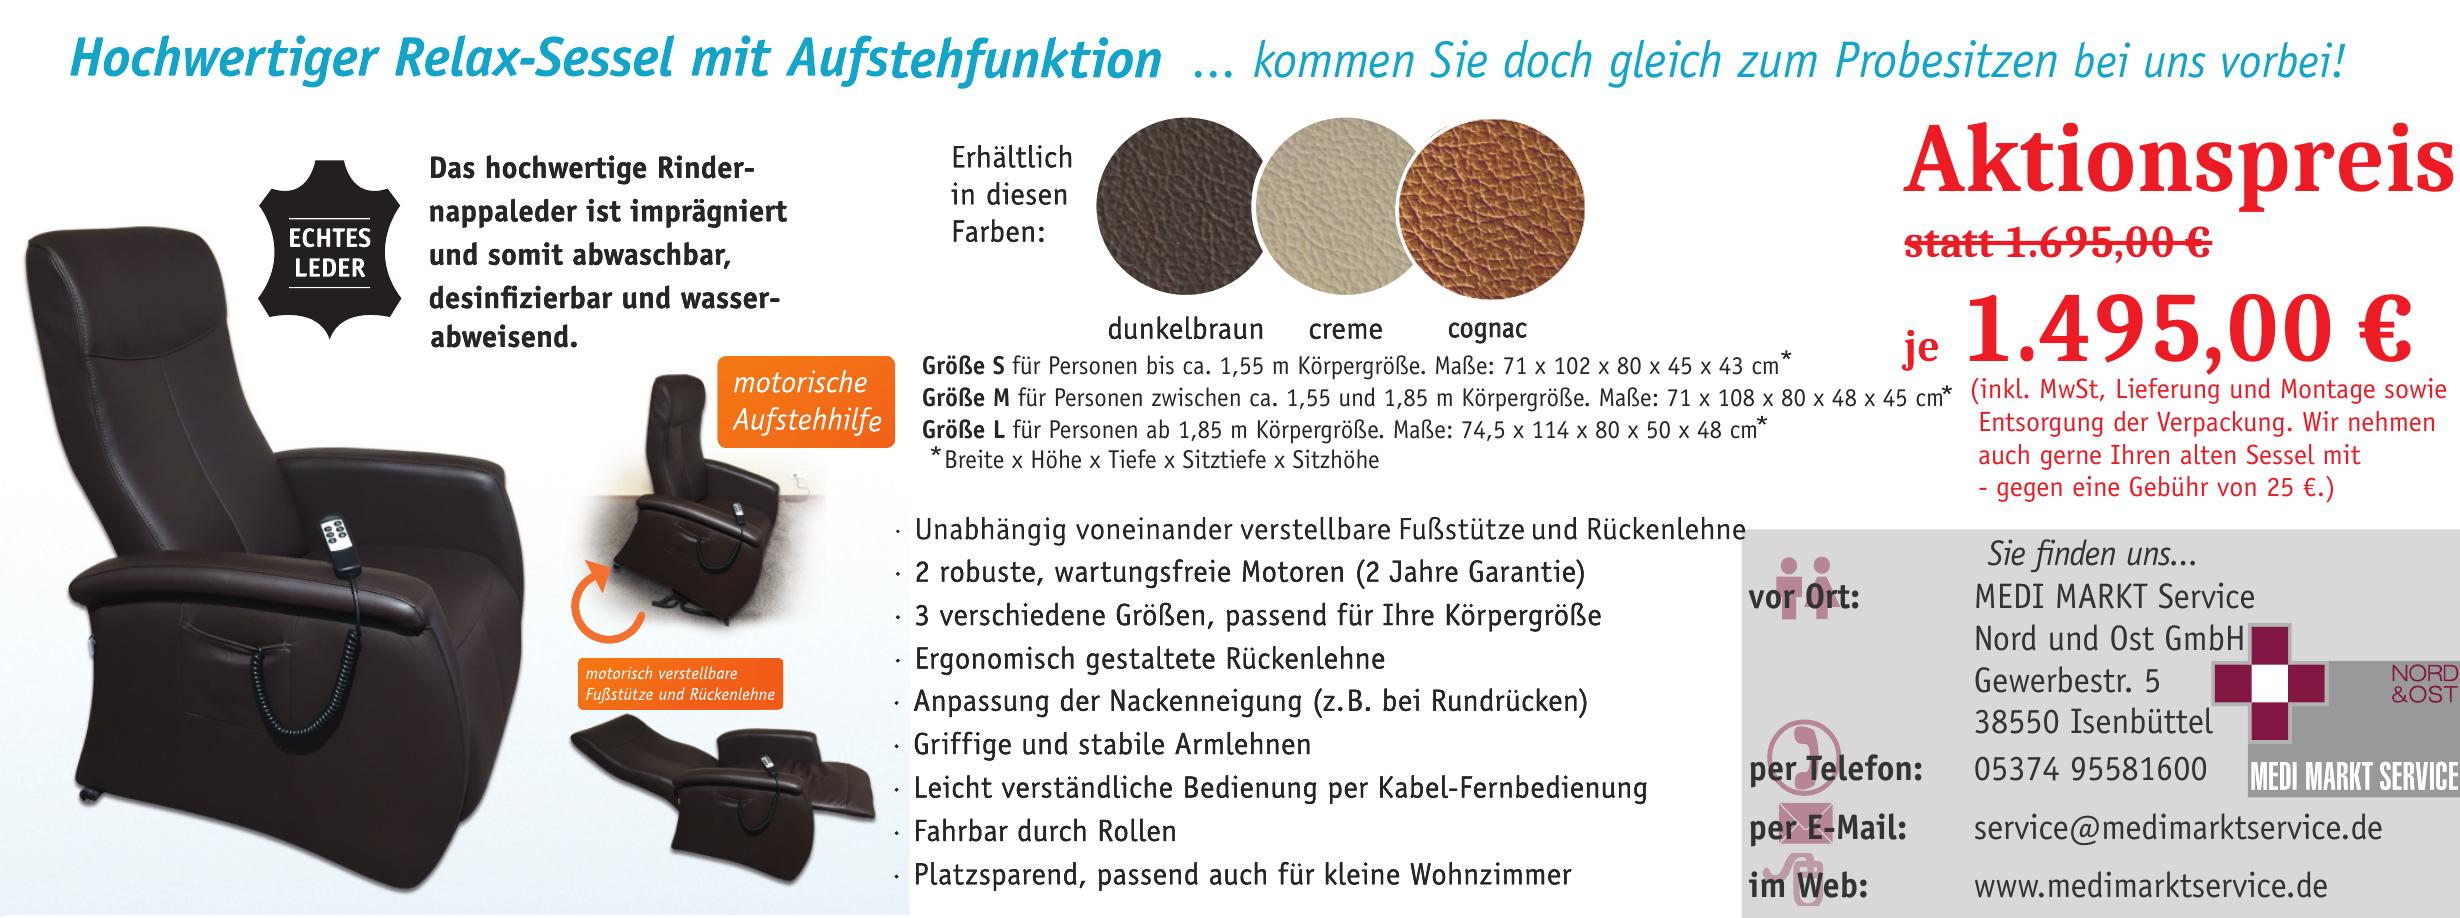 Medi Markt Service Nord und Ost GmbH